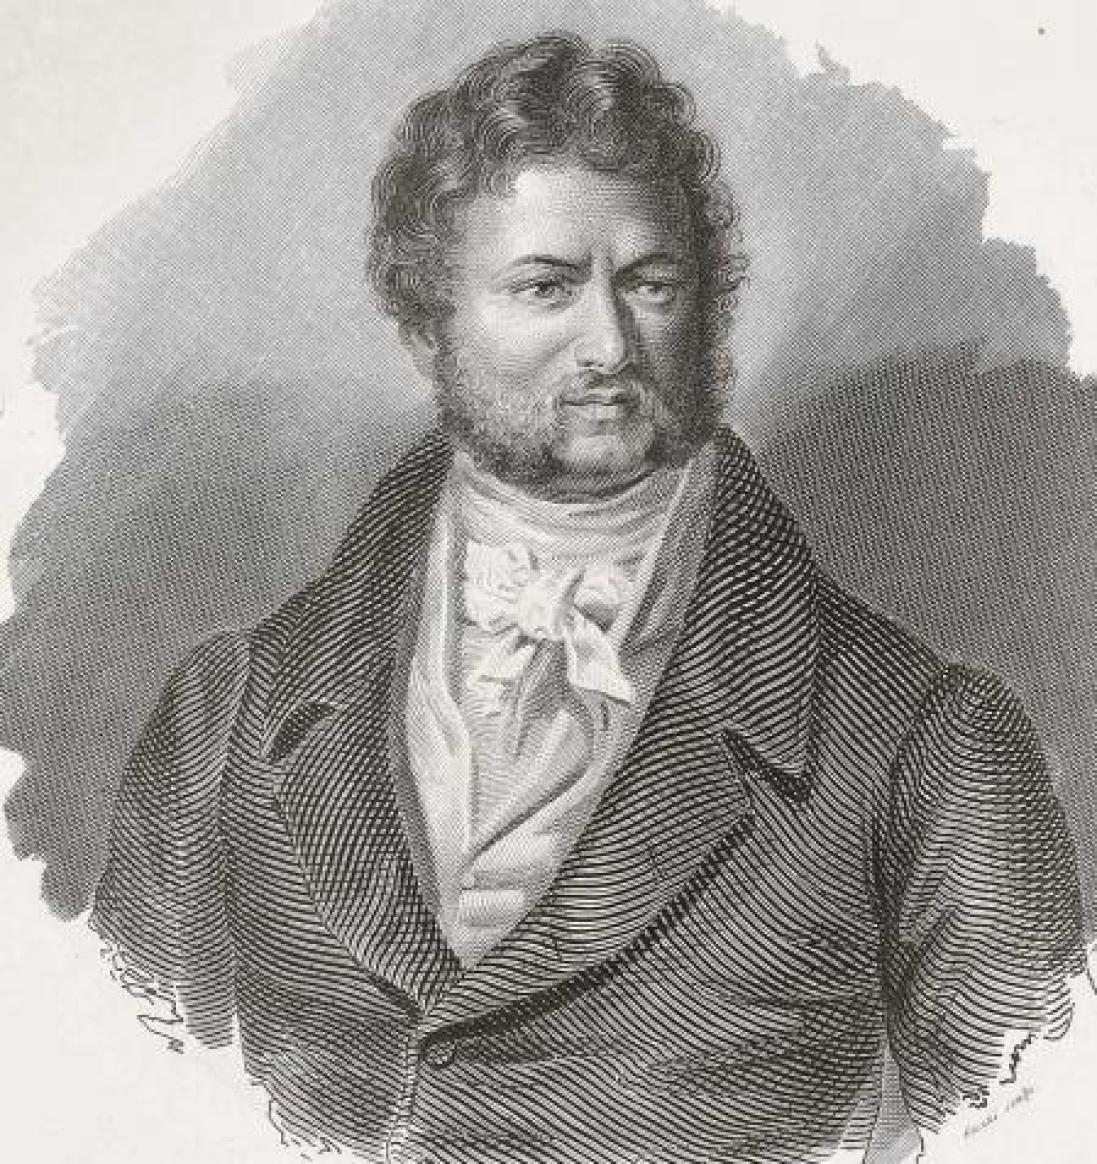 Giovanni Battista Belzoni en un grabado de 1837.